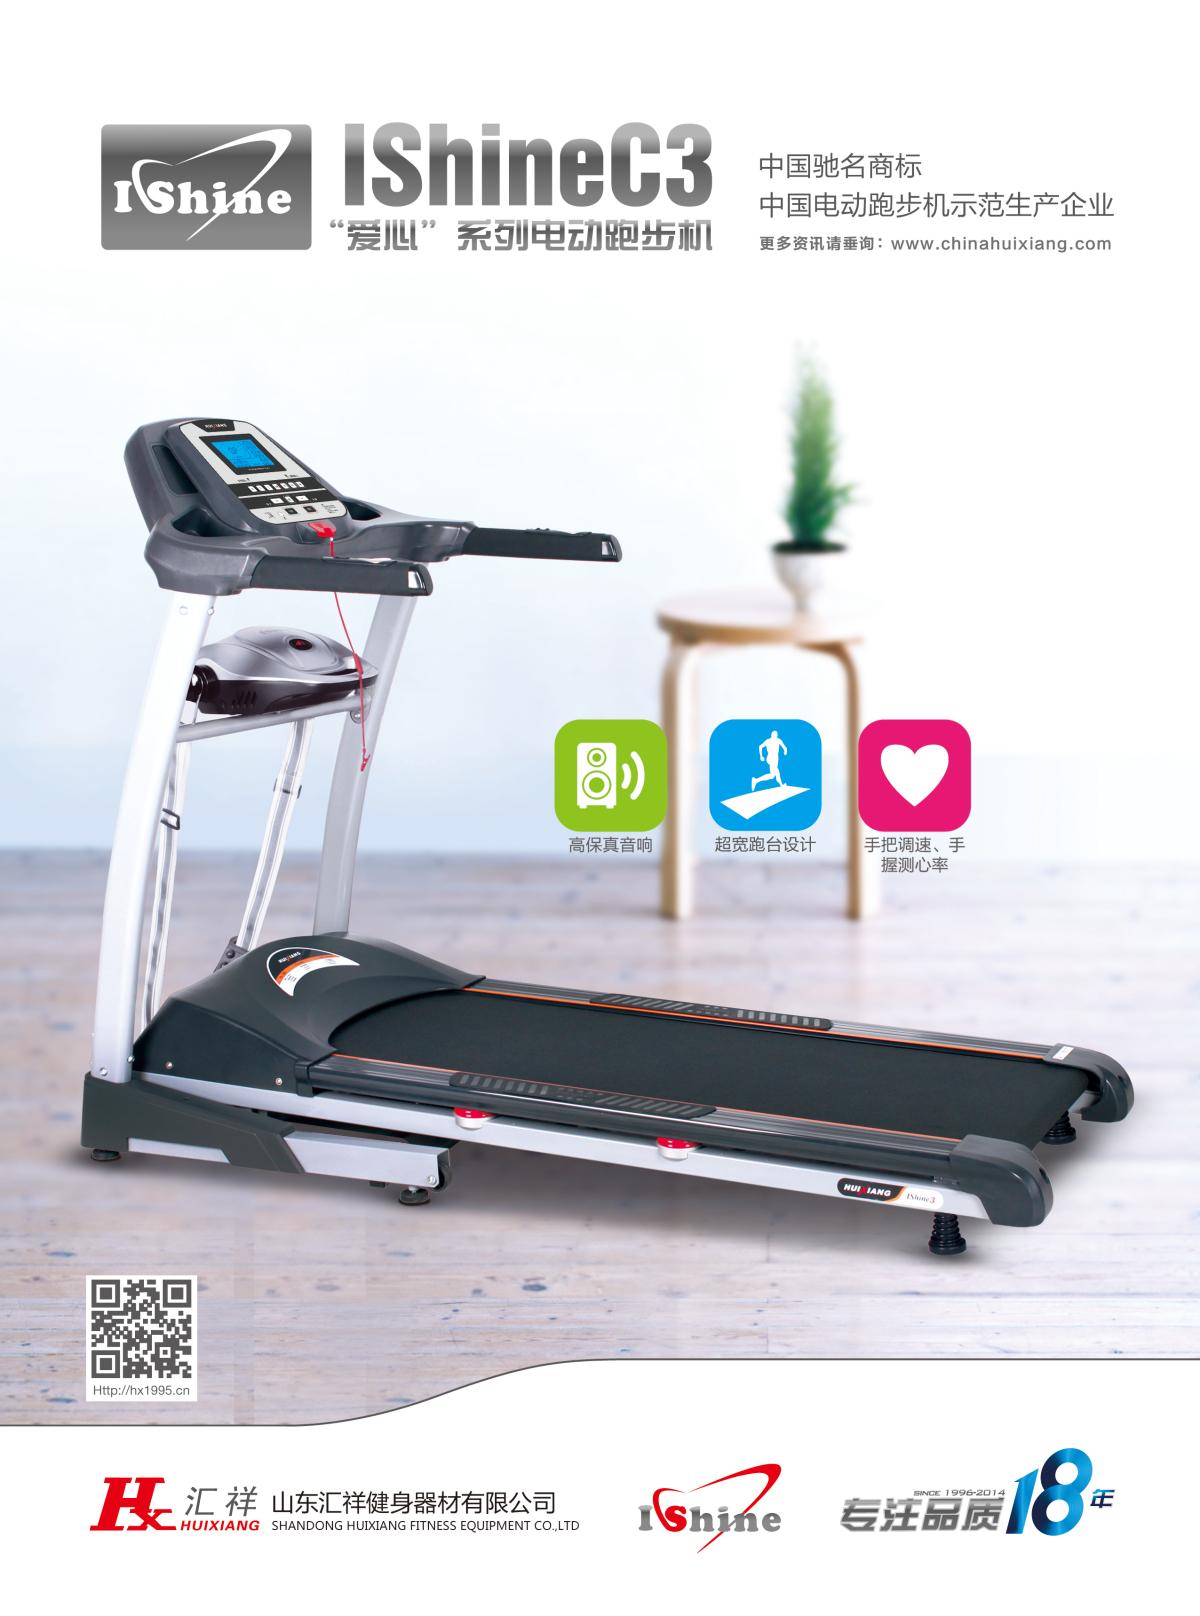 晋江汇祥跑步机供应商——想买价格合理的家用跑步机就来禹峤健身